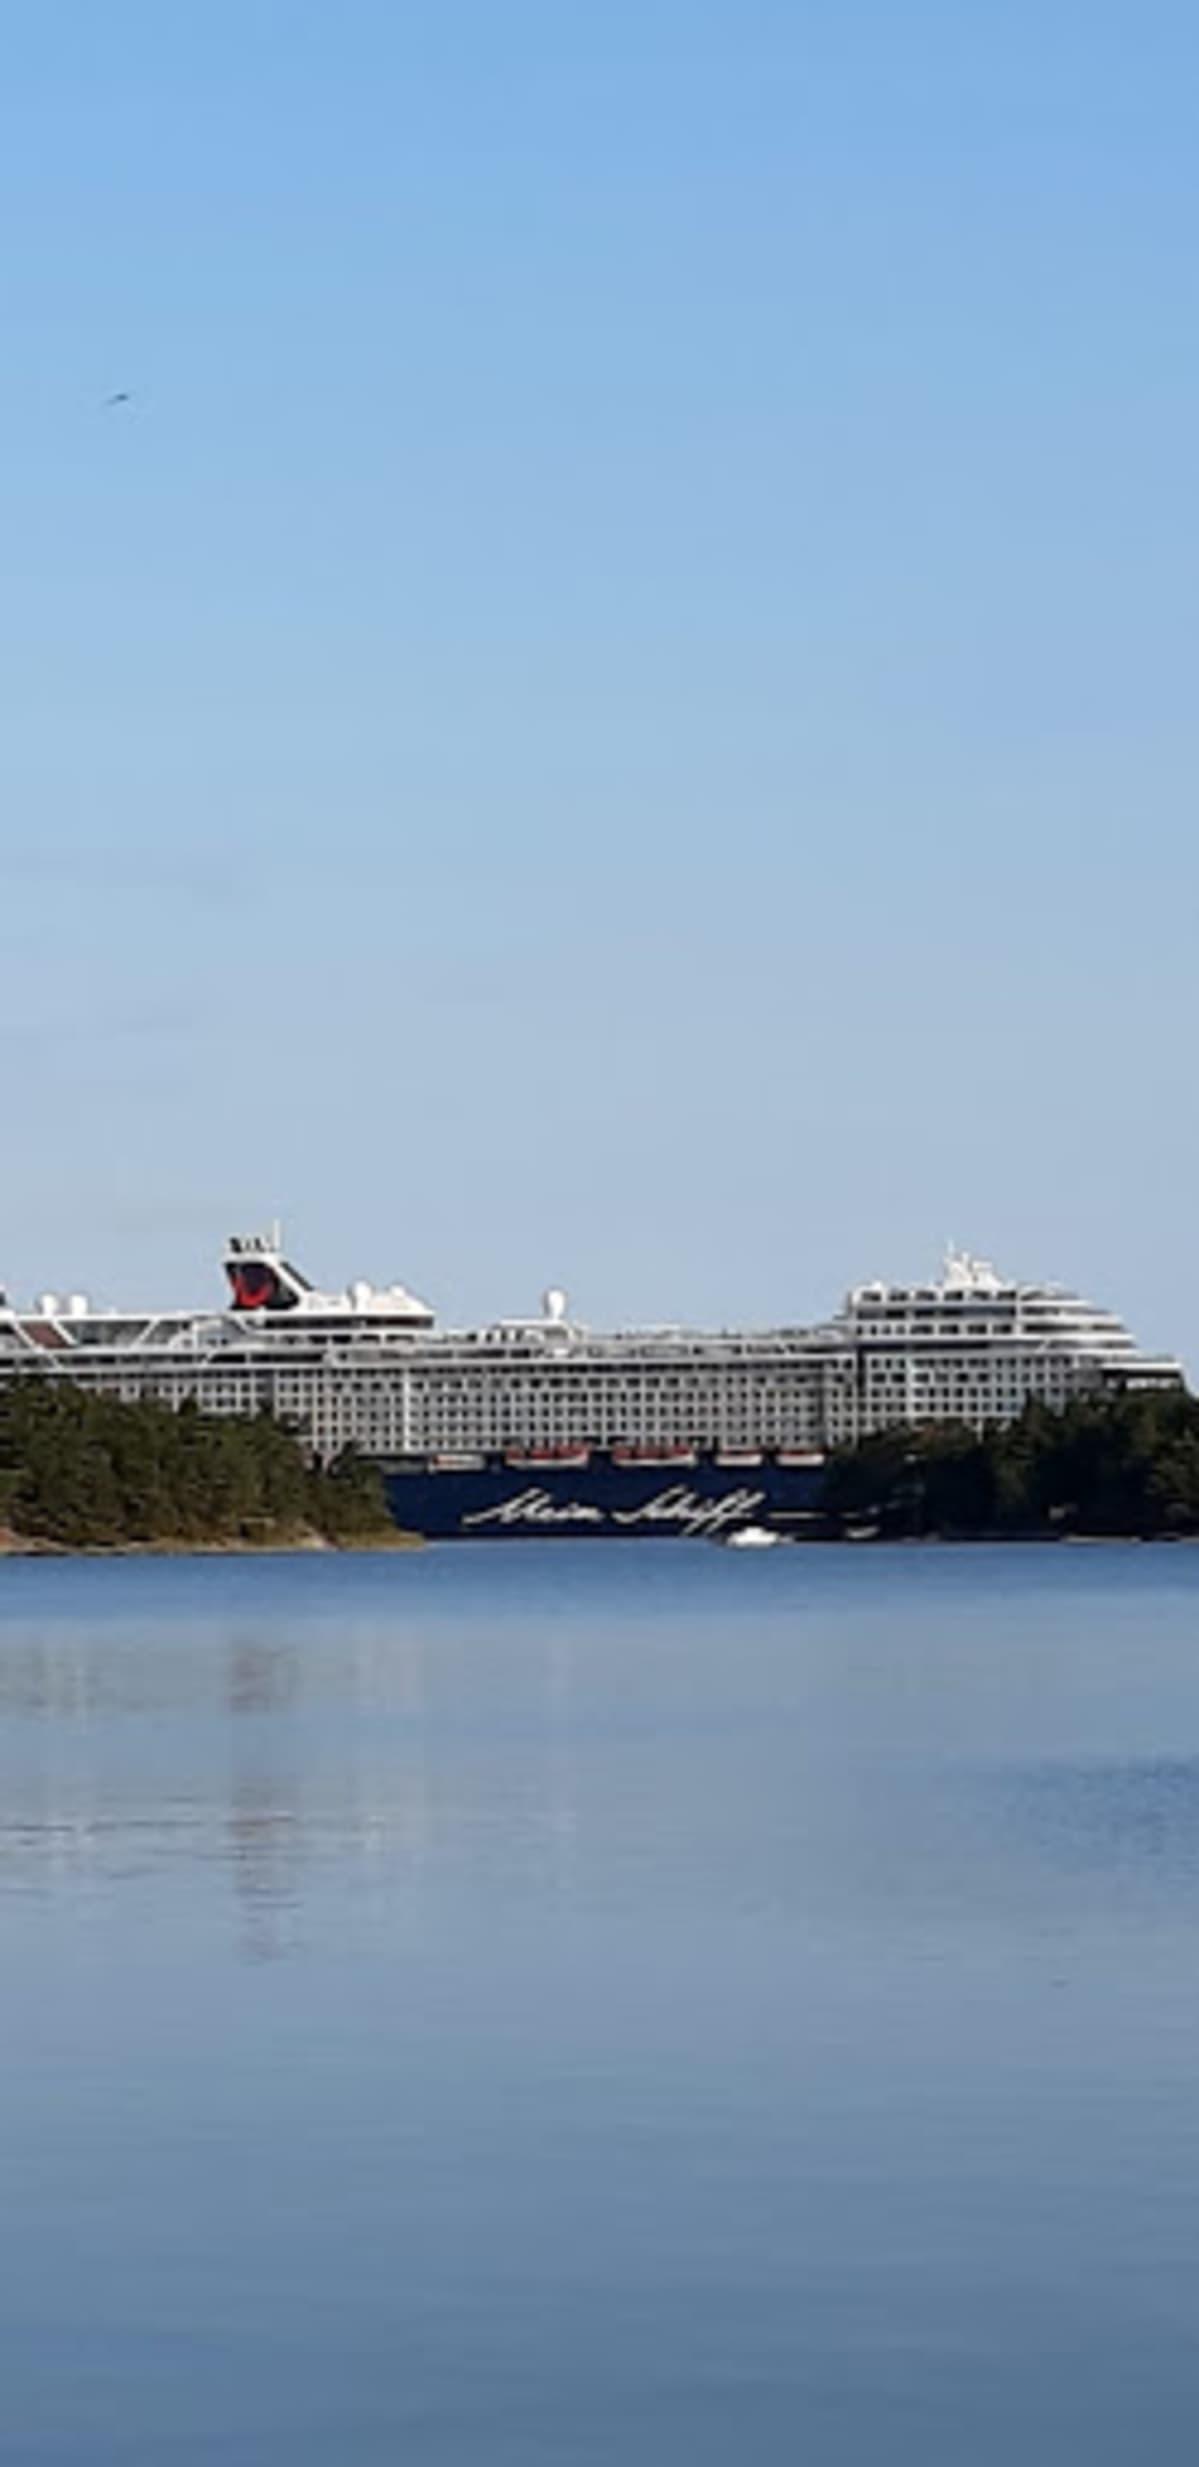 Alus nähtiin myös Korppoon suunnalla.